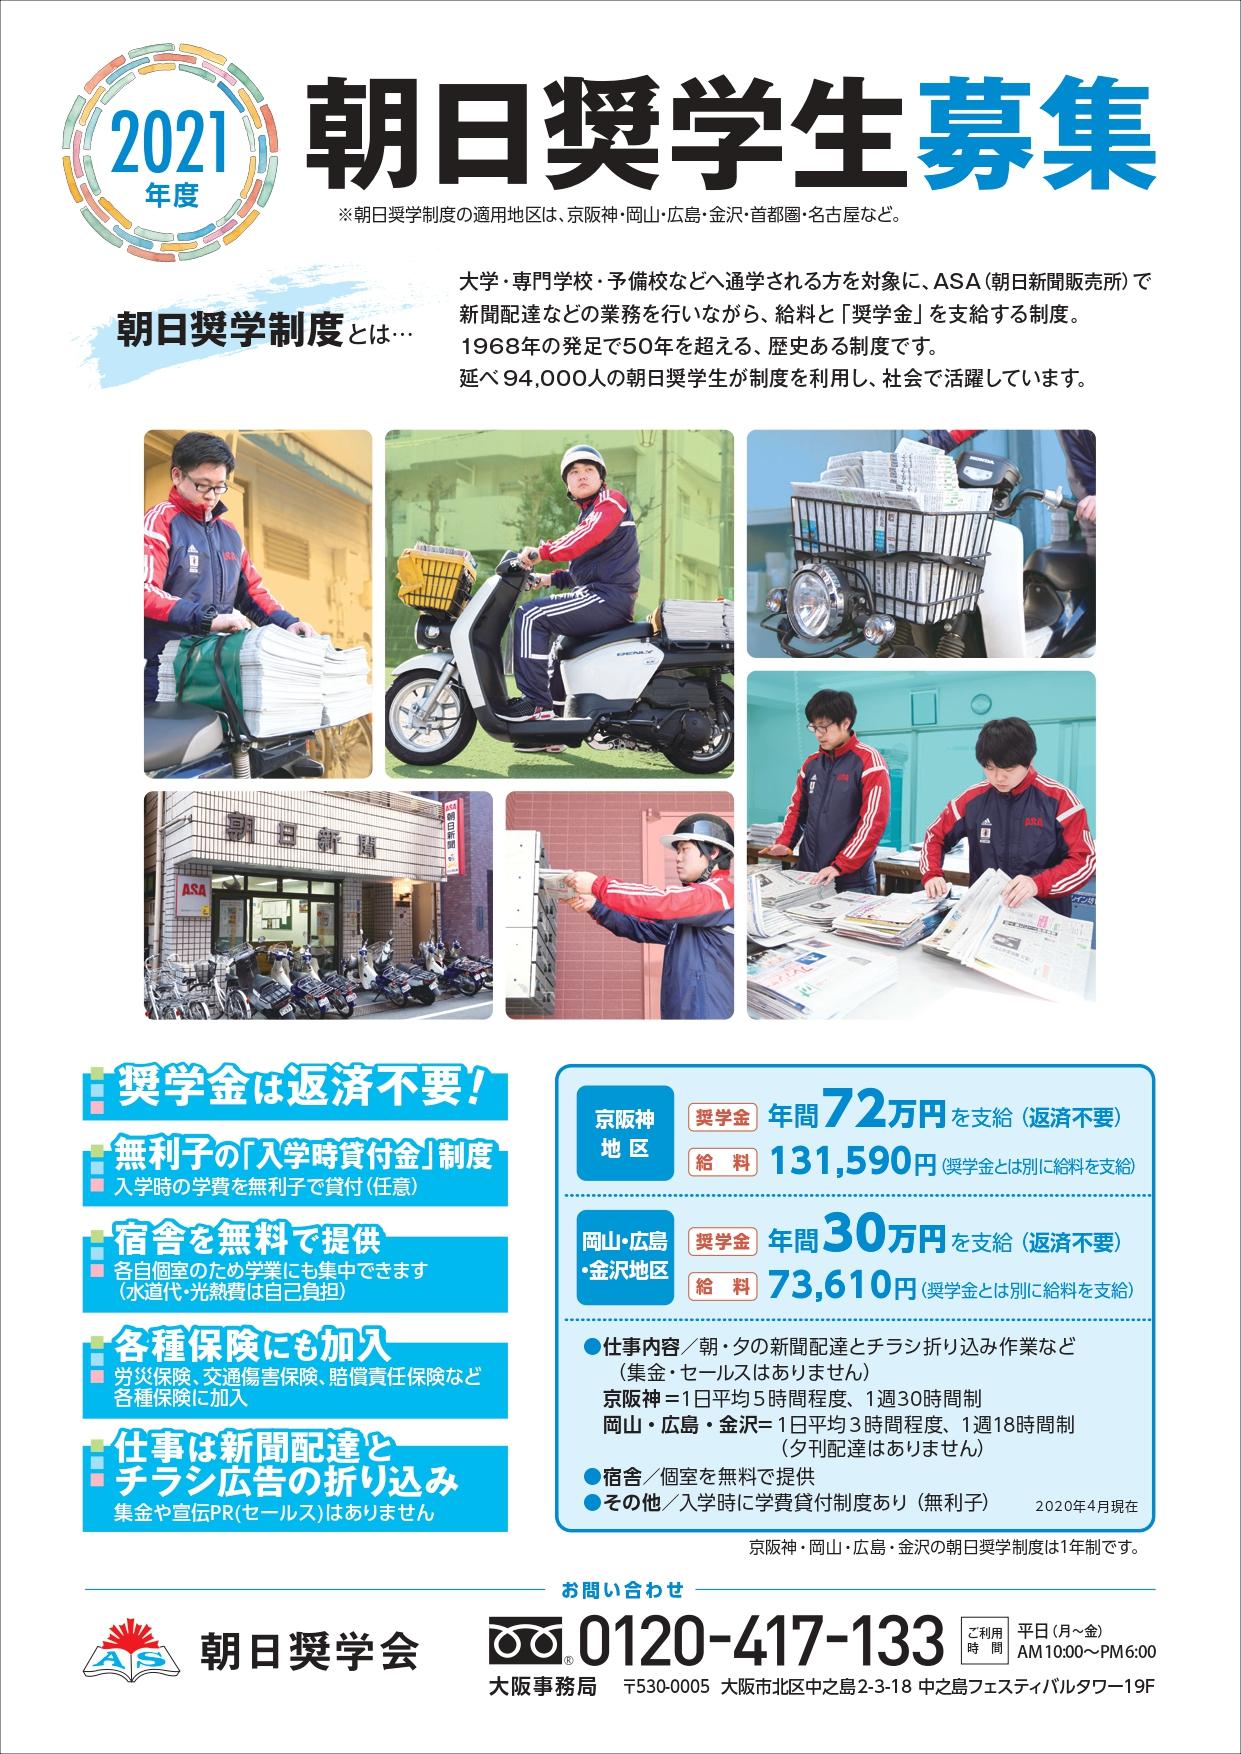 朝日奨学生募集のイメージ